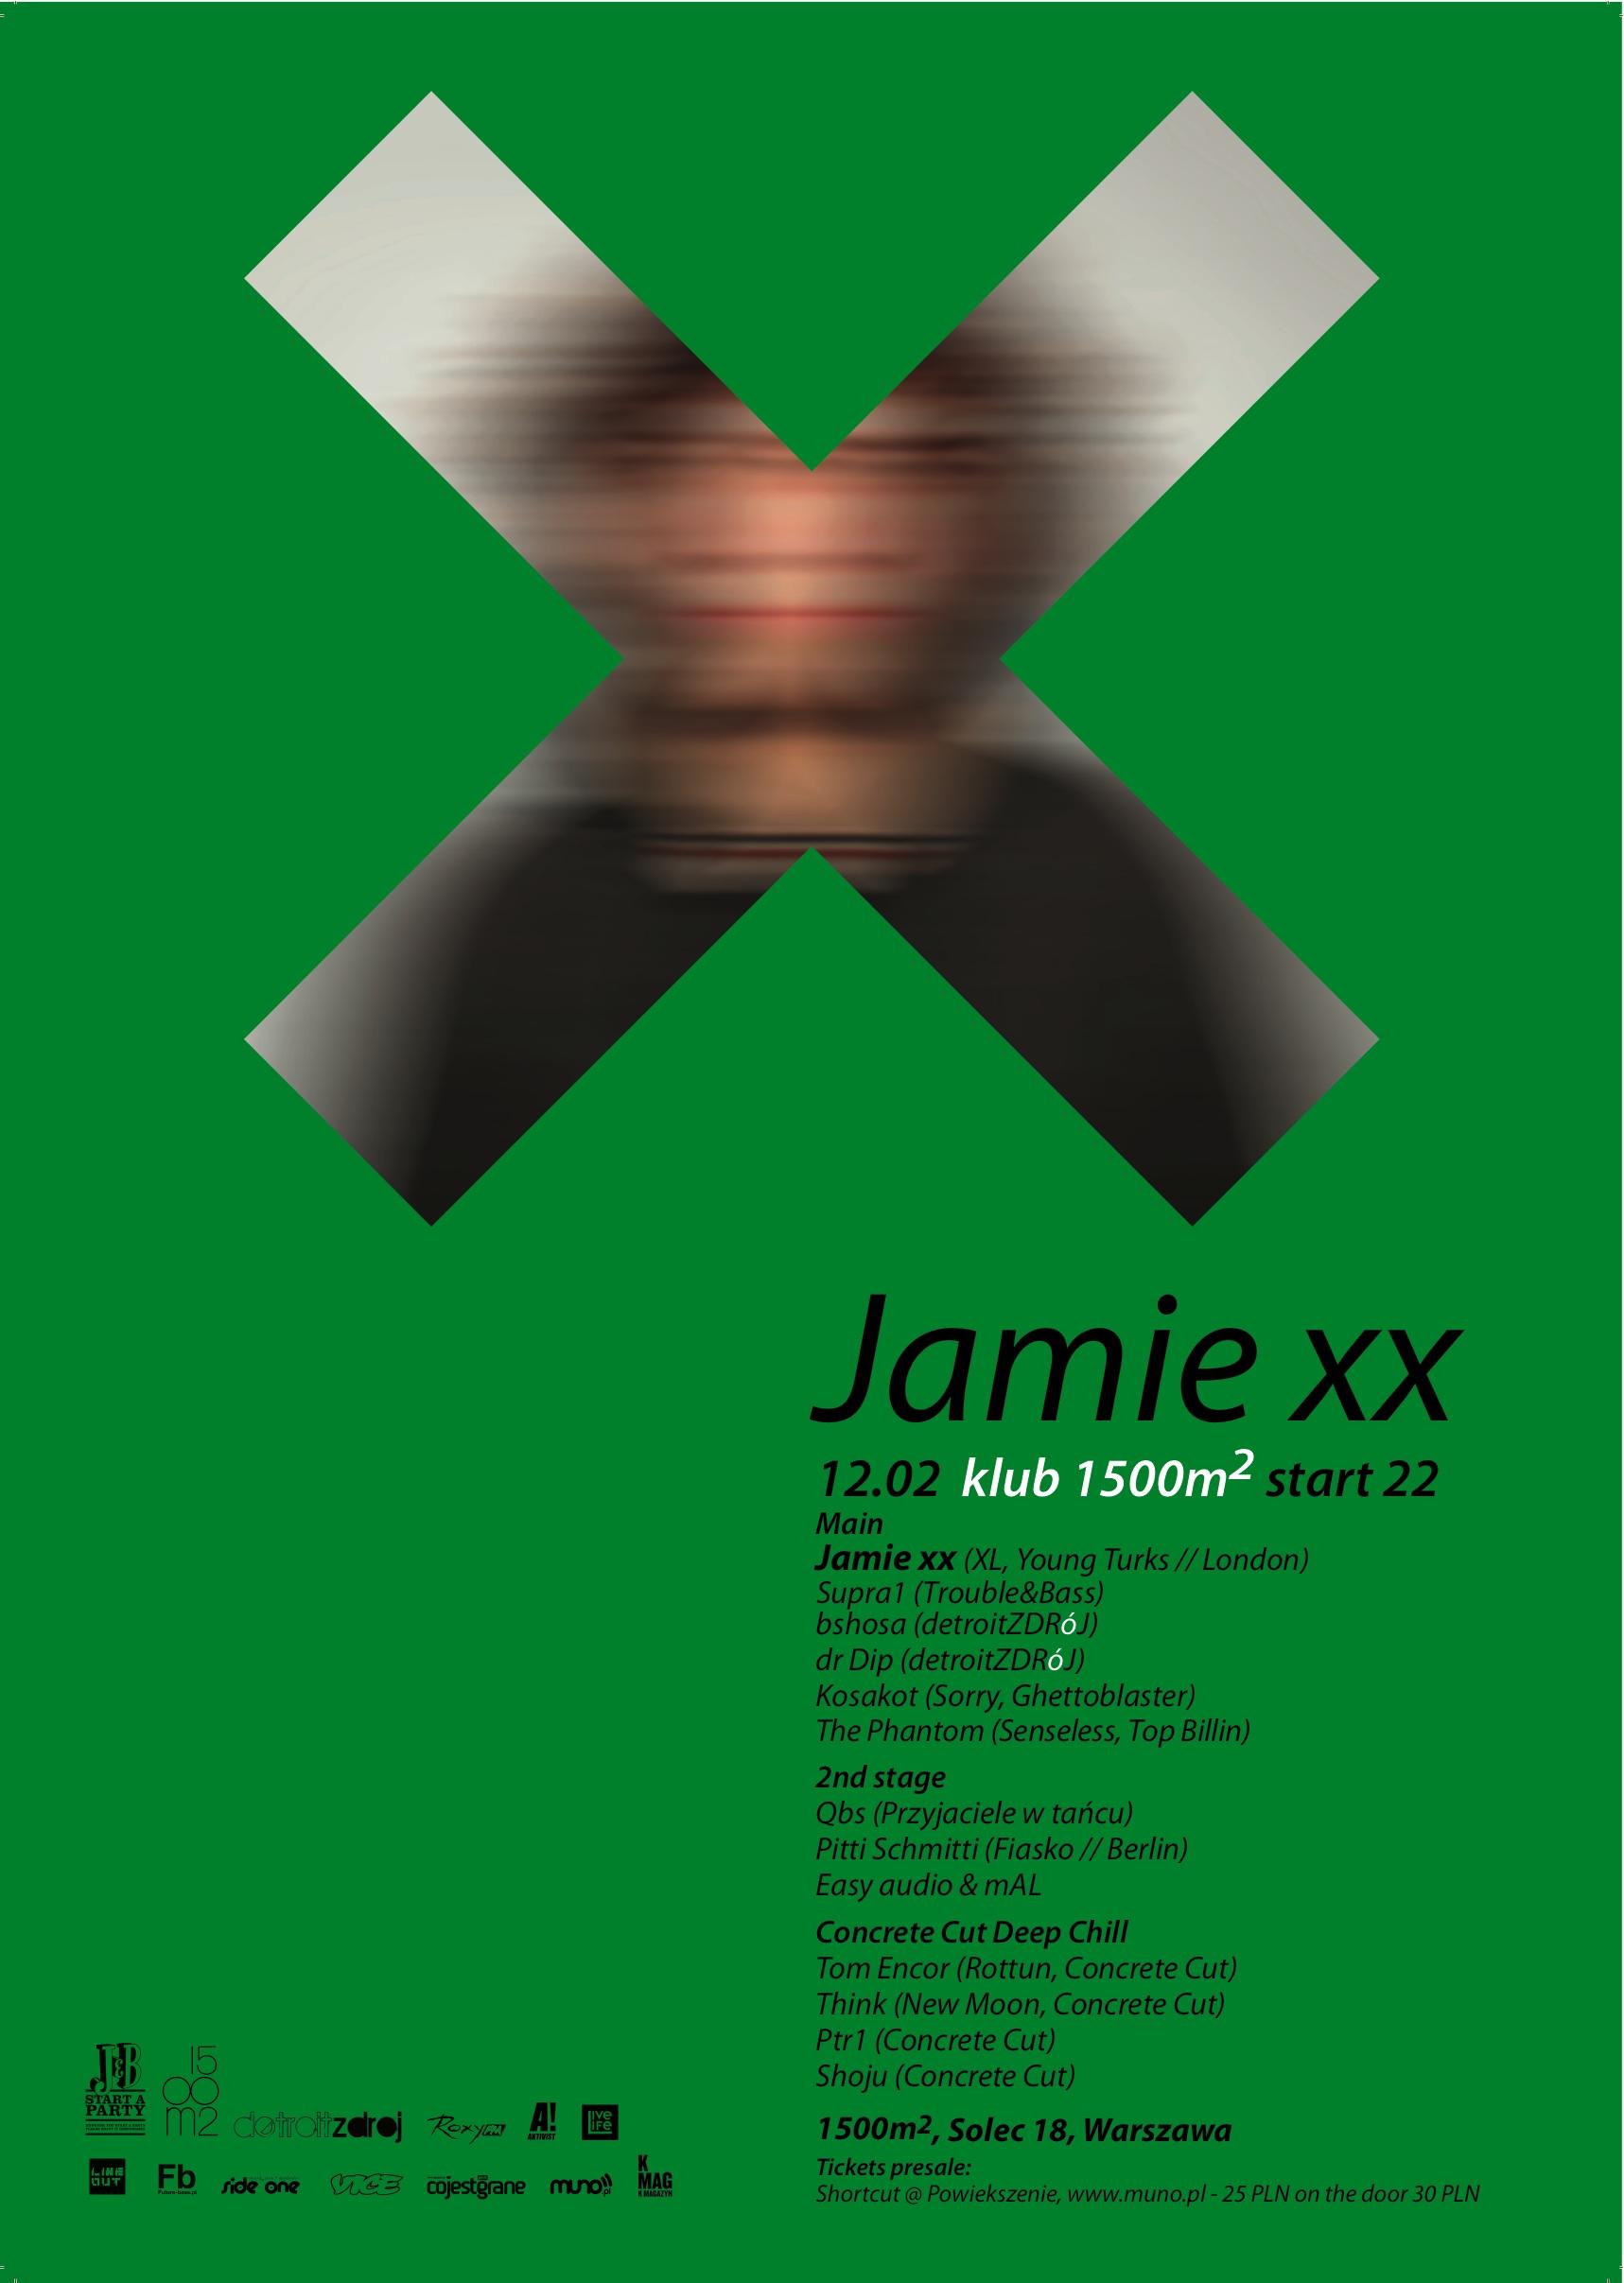 Jamie XX @ 1500m2